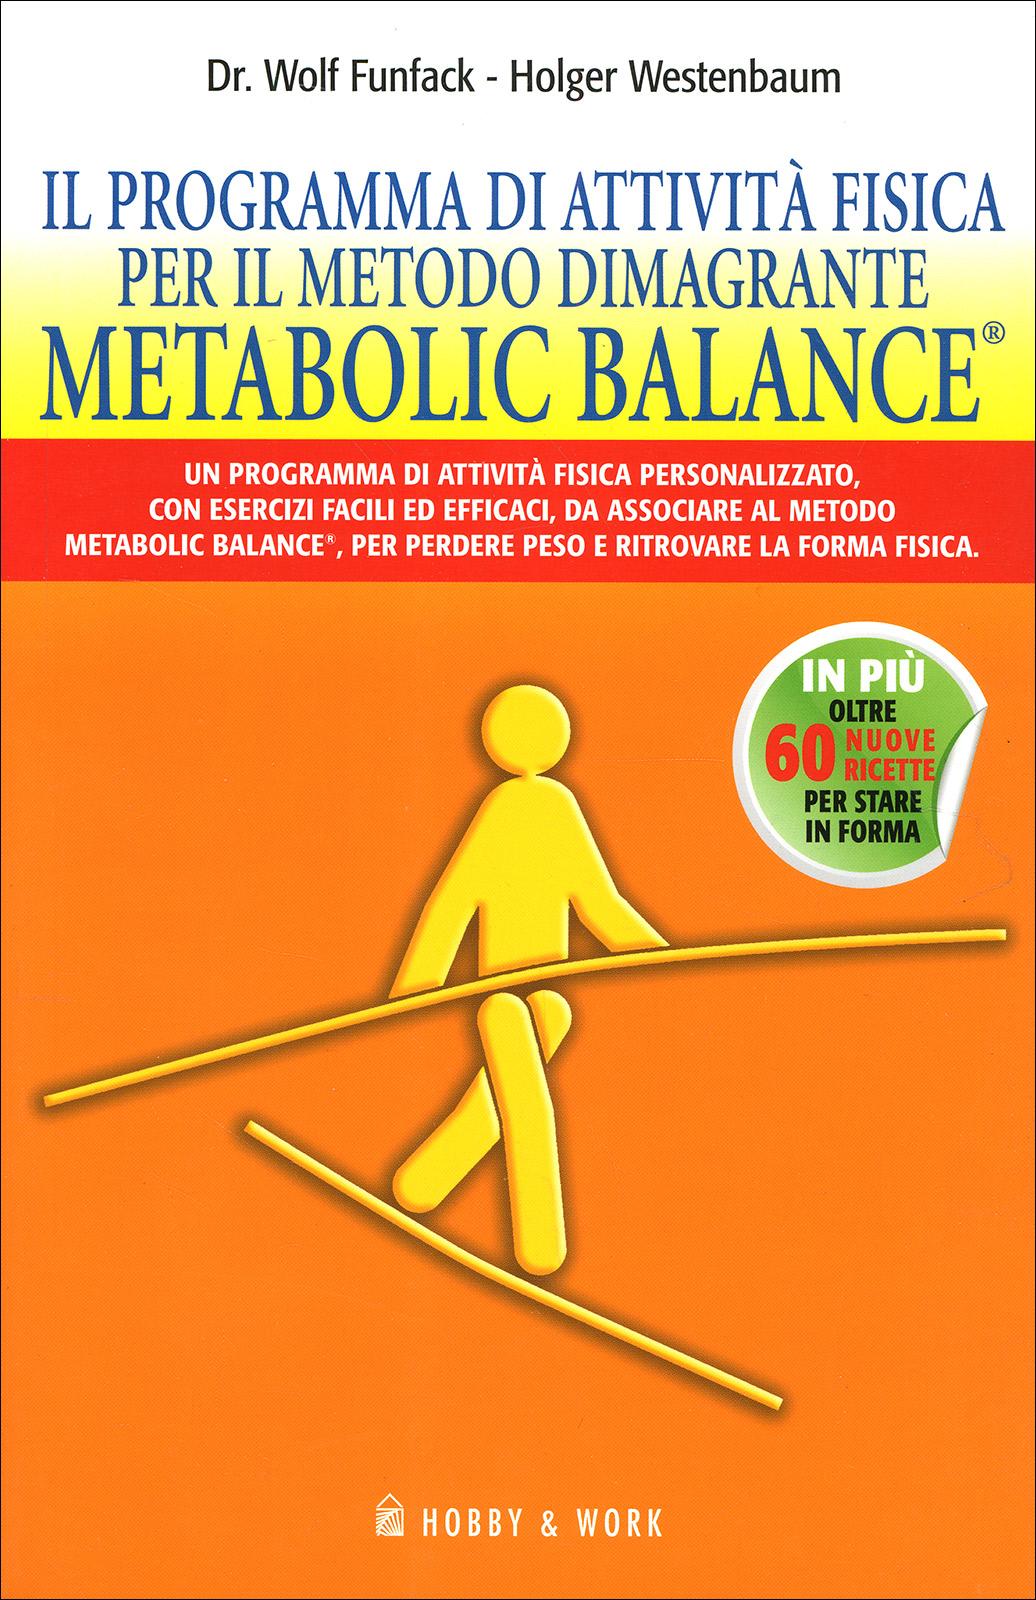 esercizi chiave per perdere peso